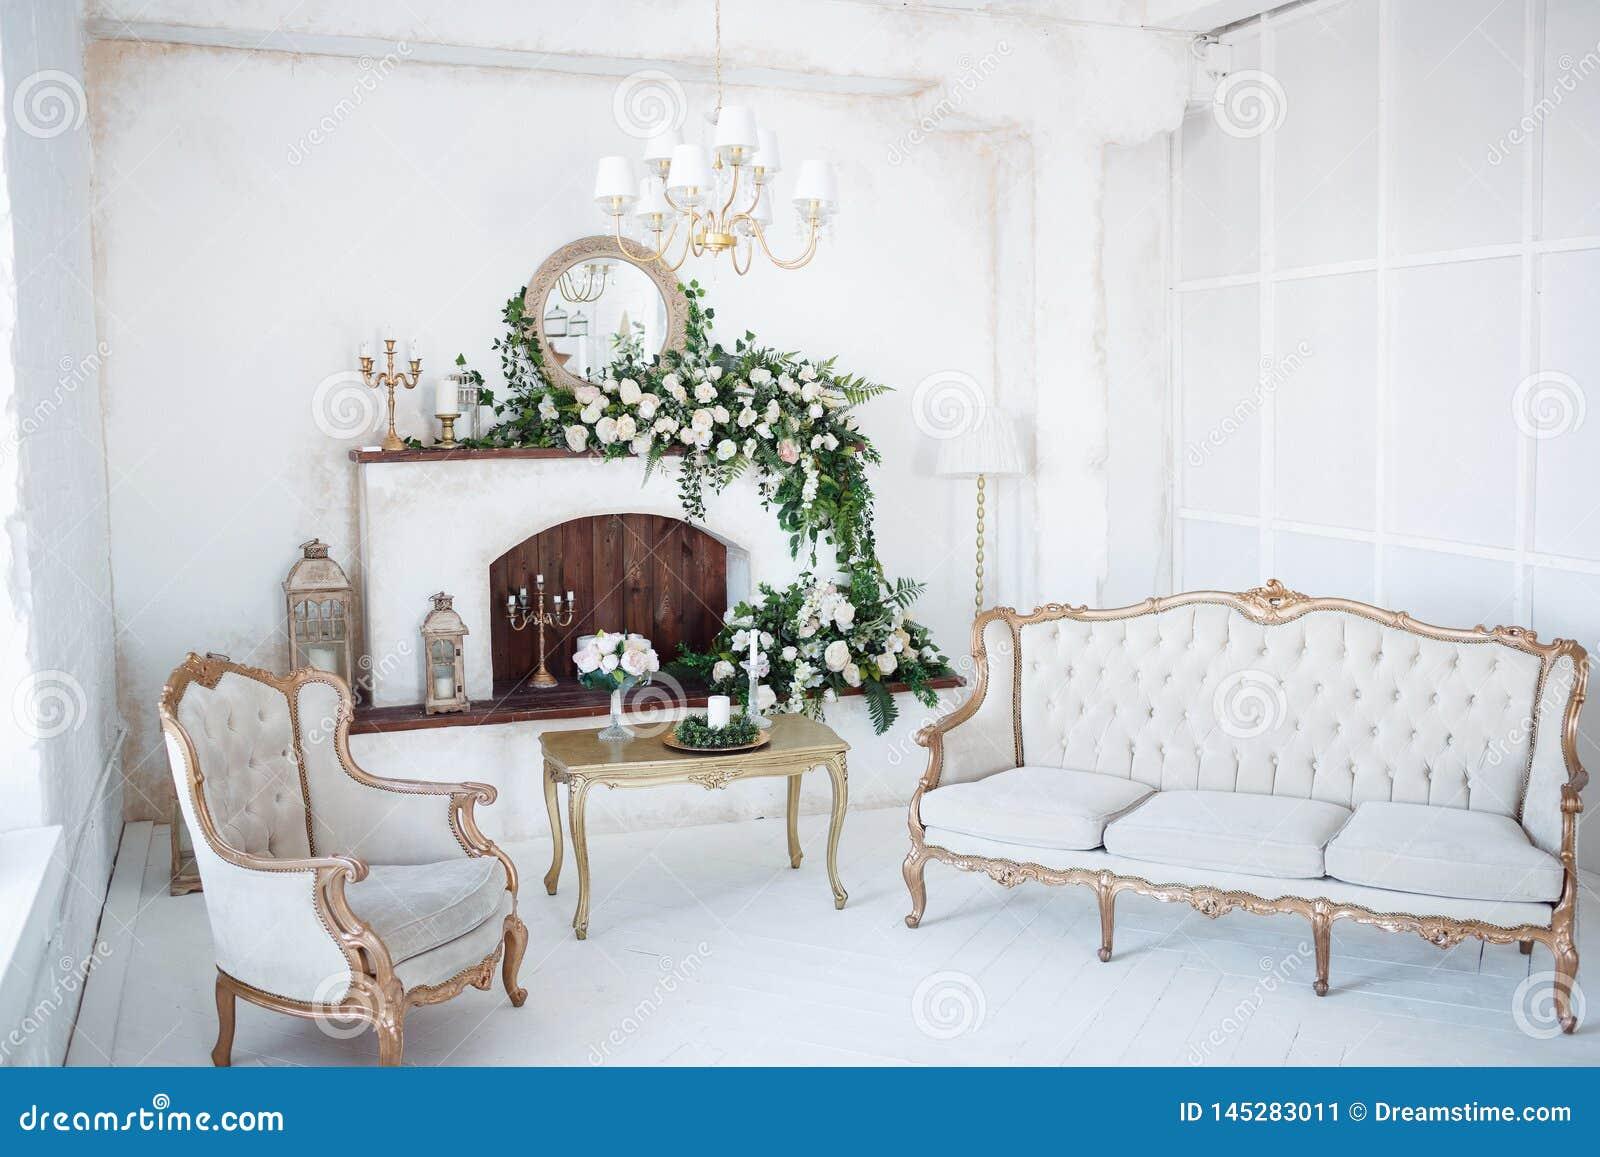 Sitio blanco con la chimenea y muebles tallados